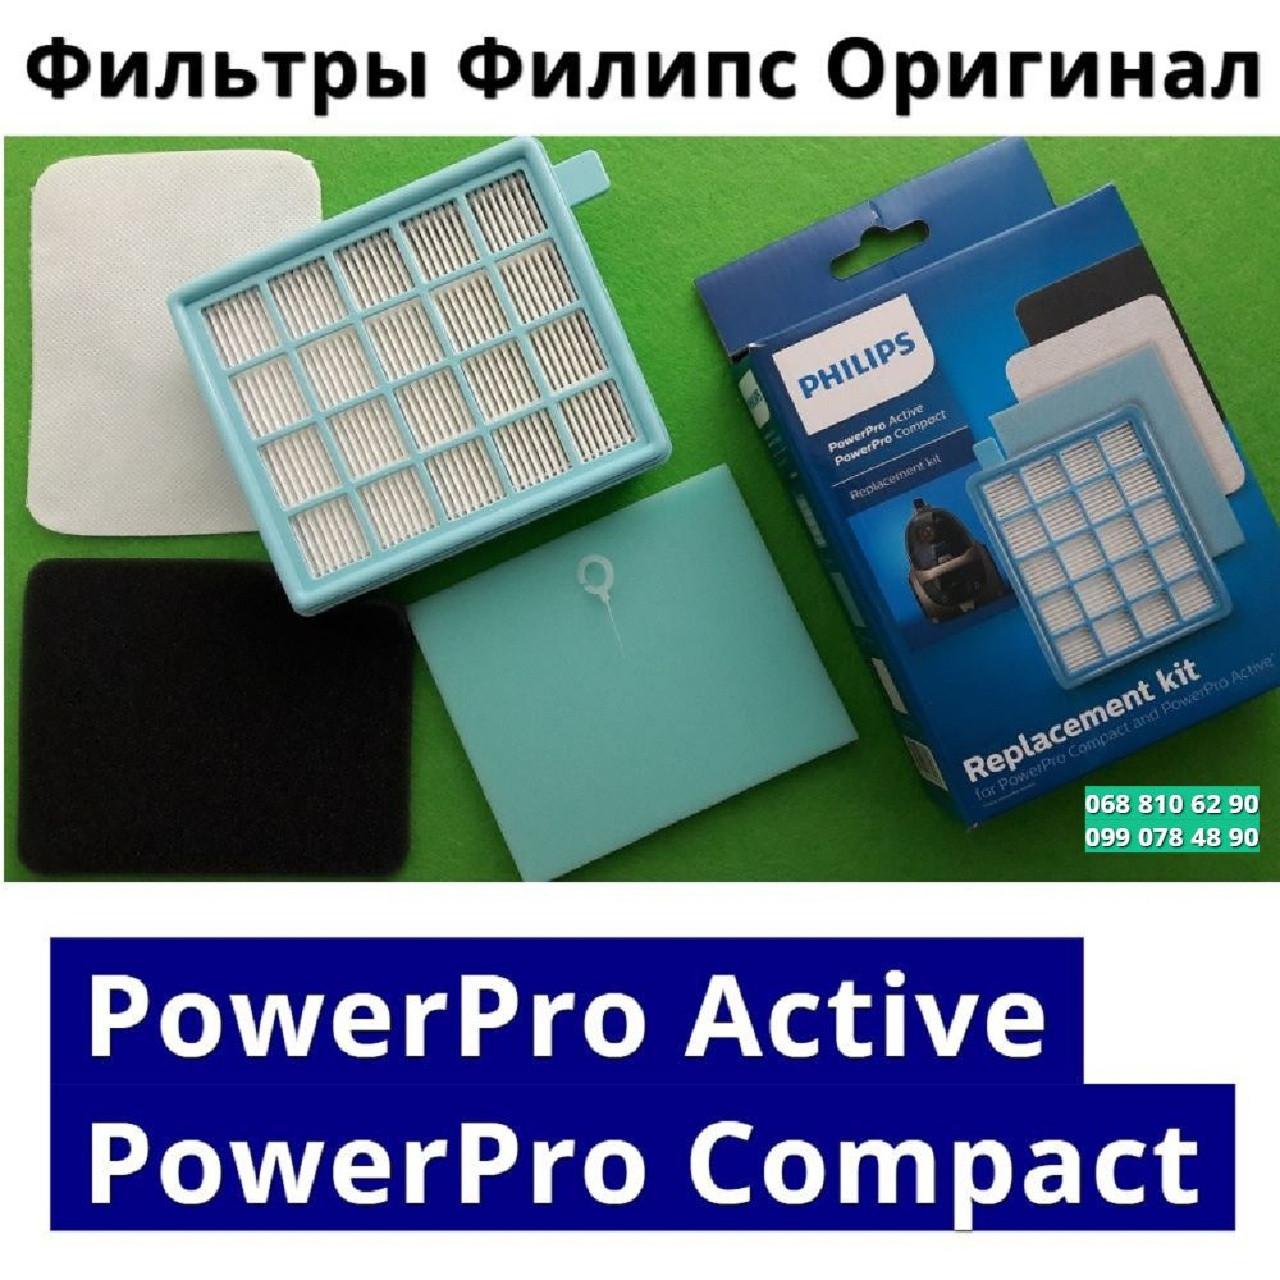 Фильтры для Philips PowerPro Active и PowerPro Compact в комплекте FC8058/01 FC 8058 01 power cyclone 4